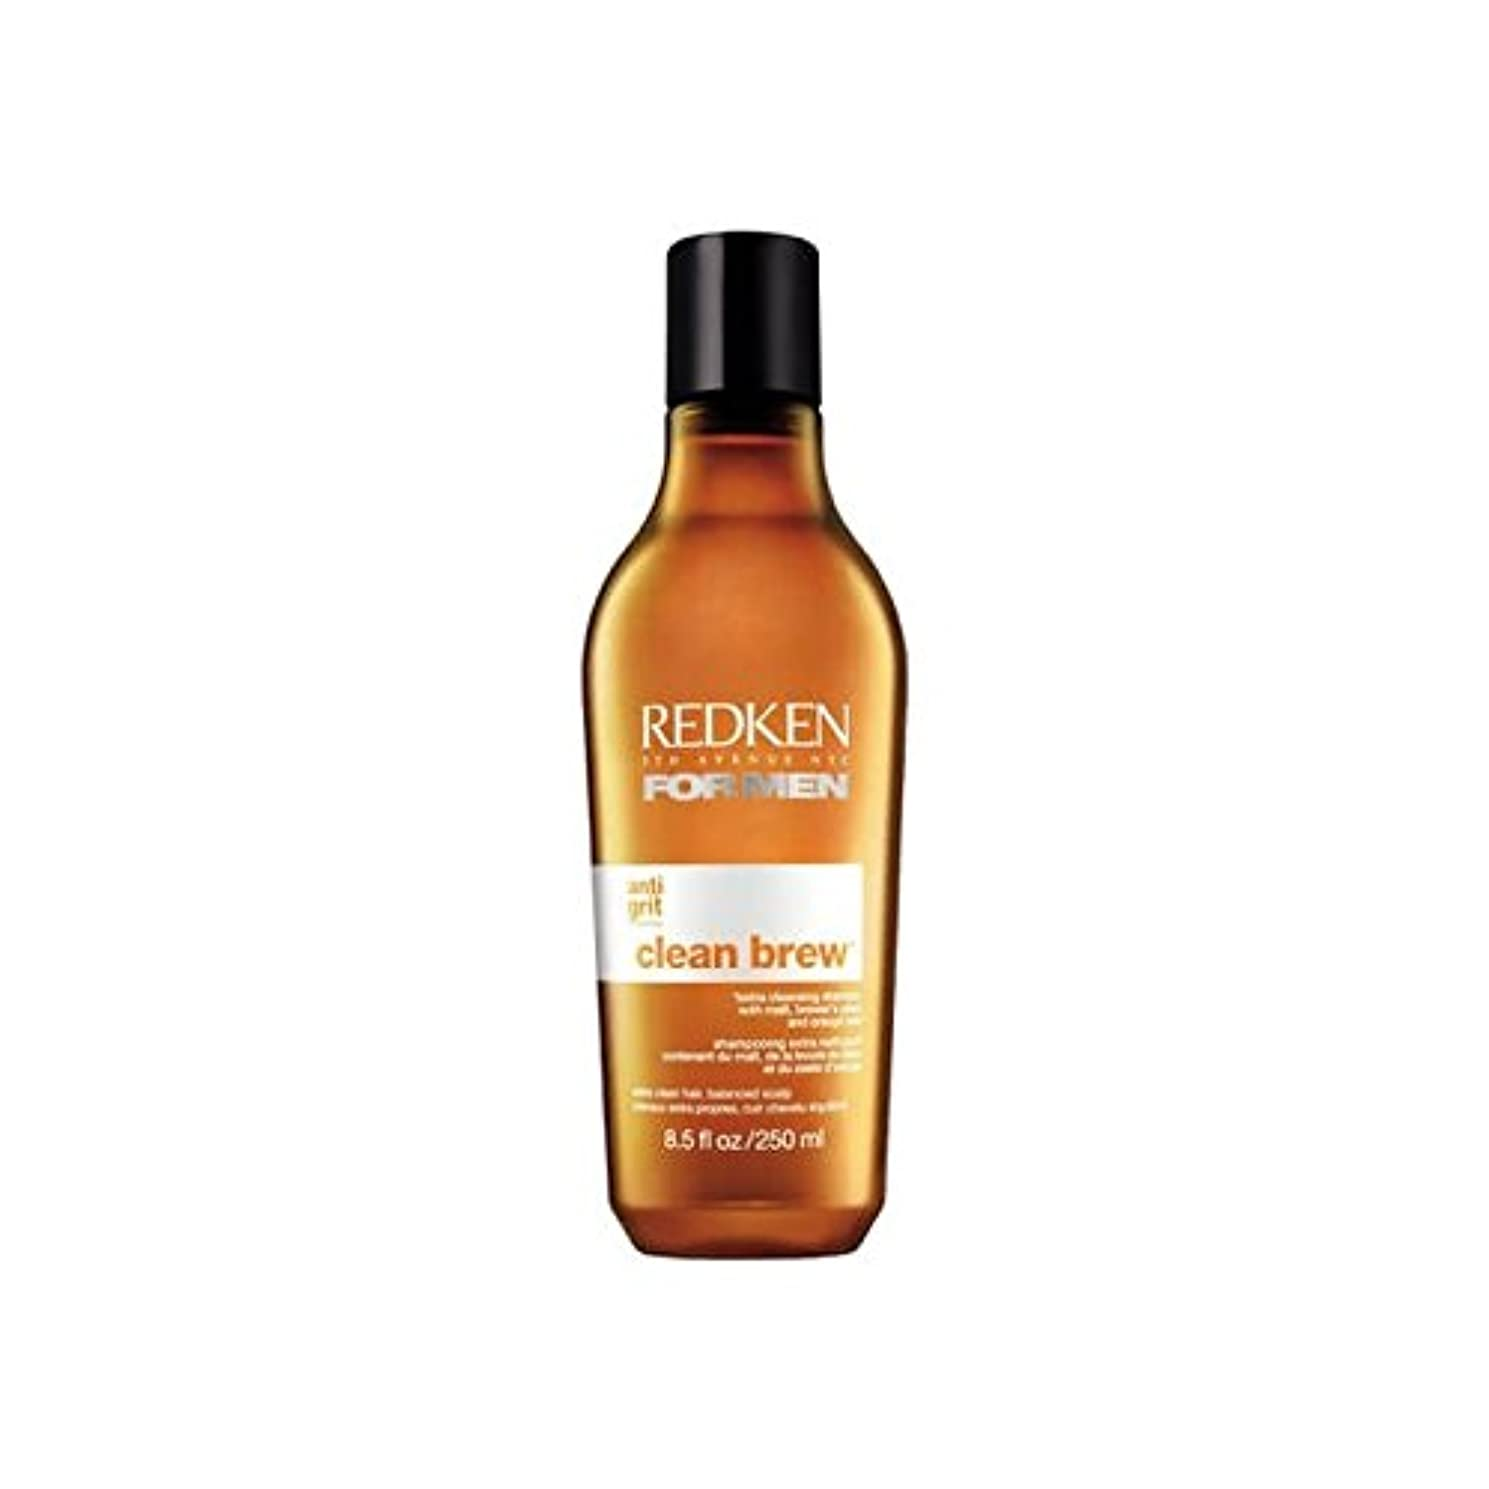 予防接種不安カップル男性きれいな醸造エクストラクレンジングシャンプー250用レッドケン x2 - Redken For Men Clean Brew Extra Cleansing Shampoo 250ml (Pack of 2) [並行輸入品]